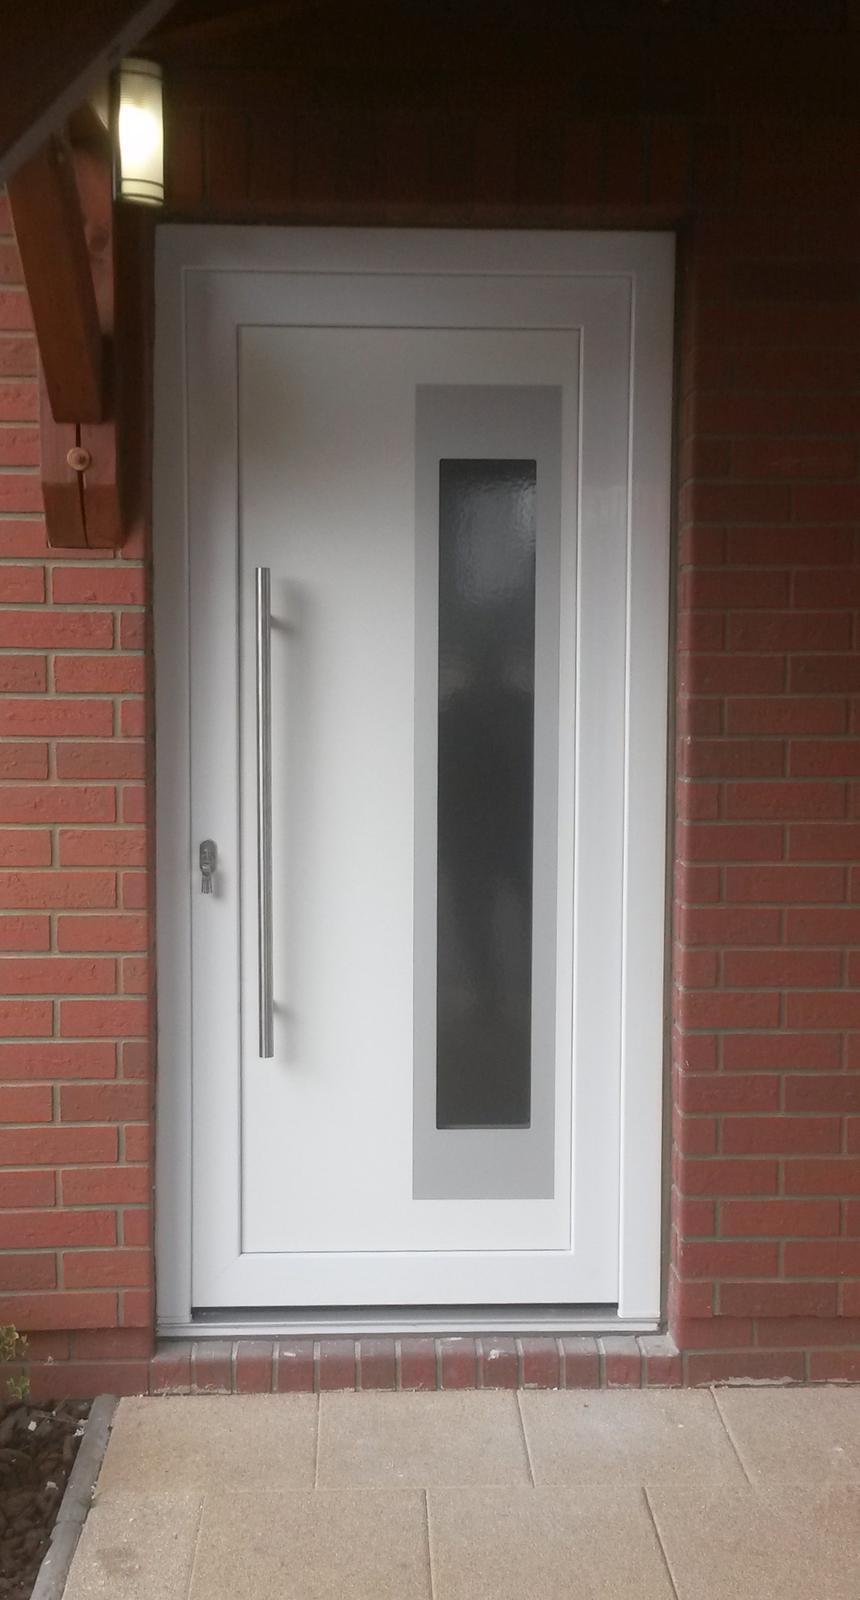 gavaplast_vchodove_dvere - GAVA 913a- HPL dverná výplň